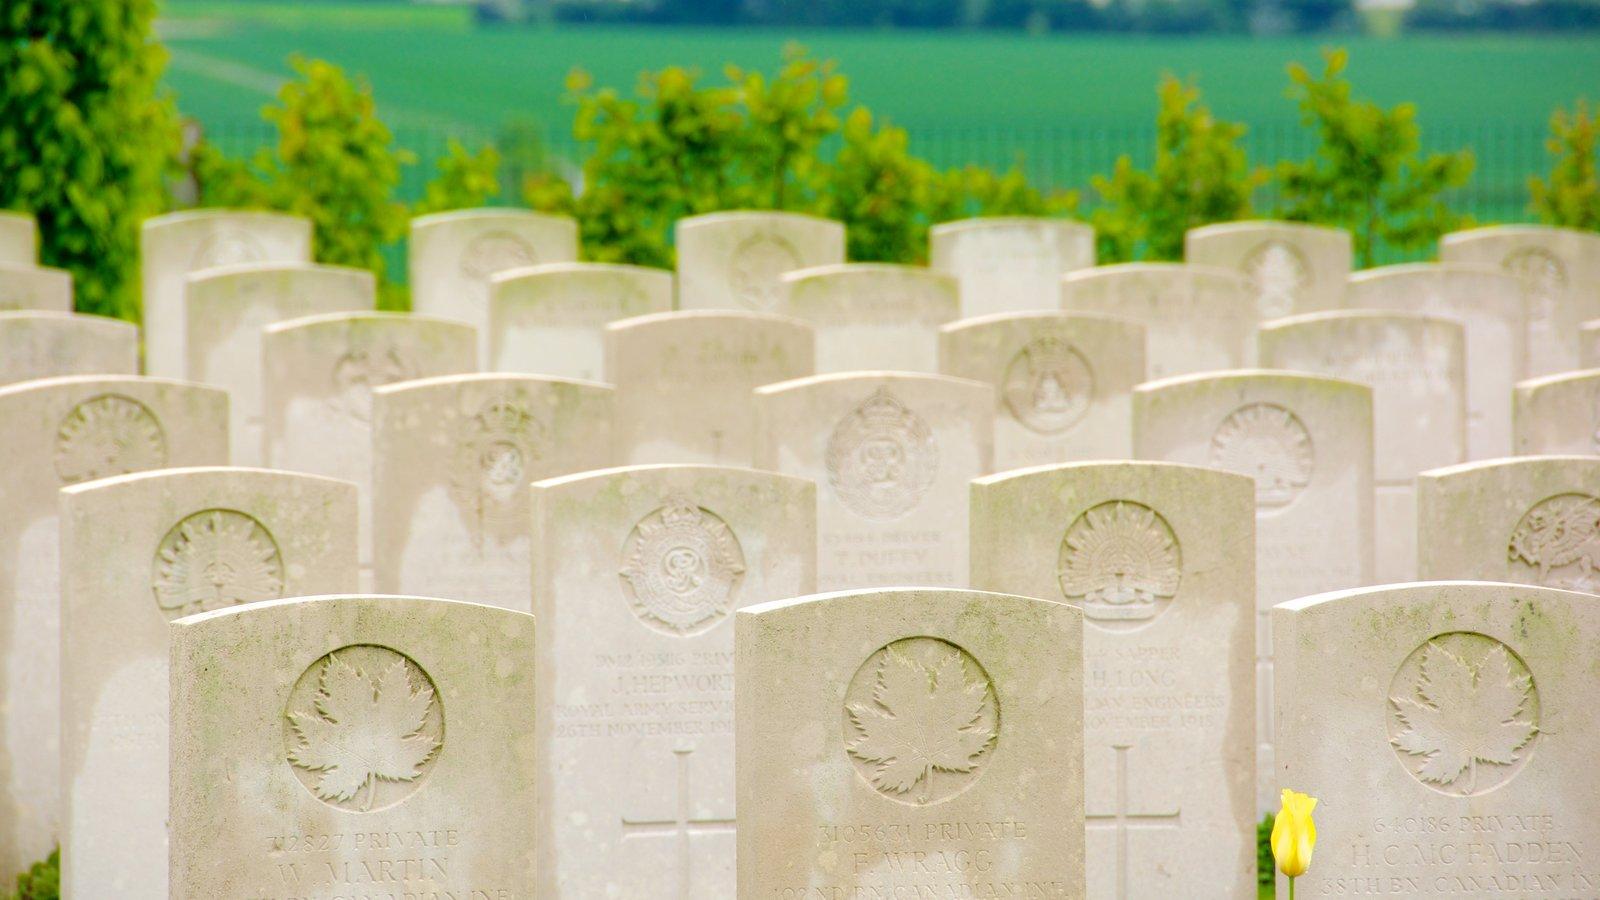 Villers-Bretonneux que inclui um cemitério, sinalização e um memorial